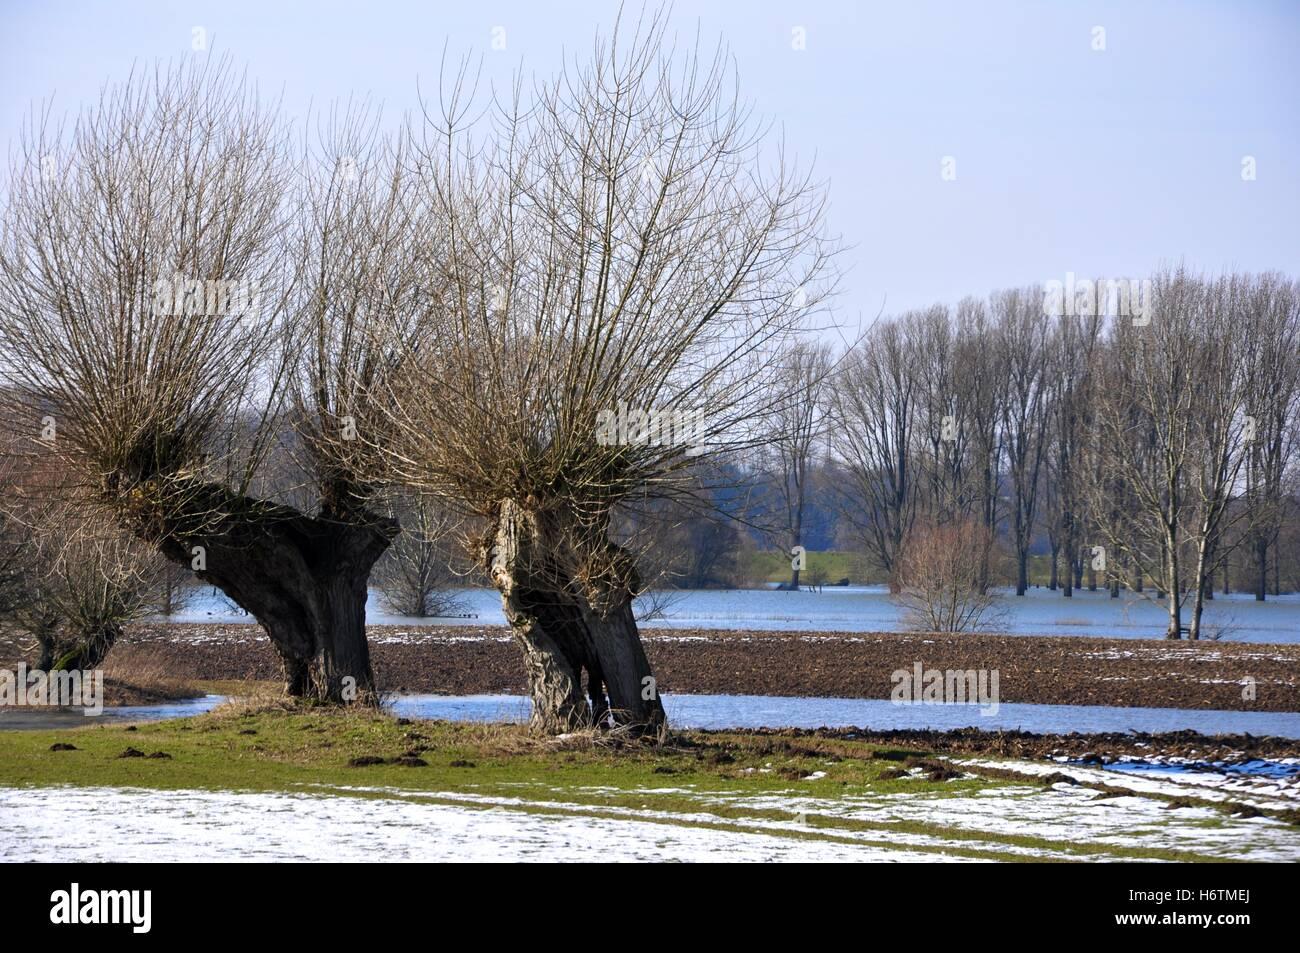 kopfweiden am niederrhein - Stock Image